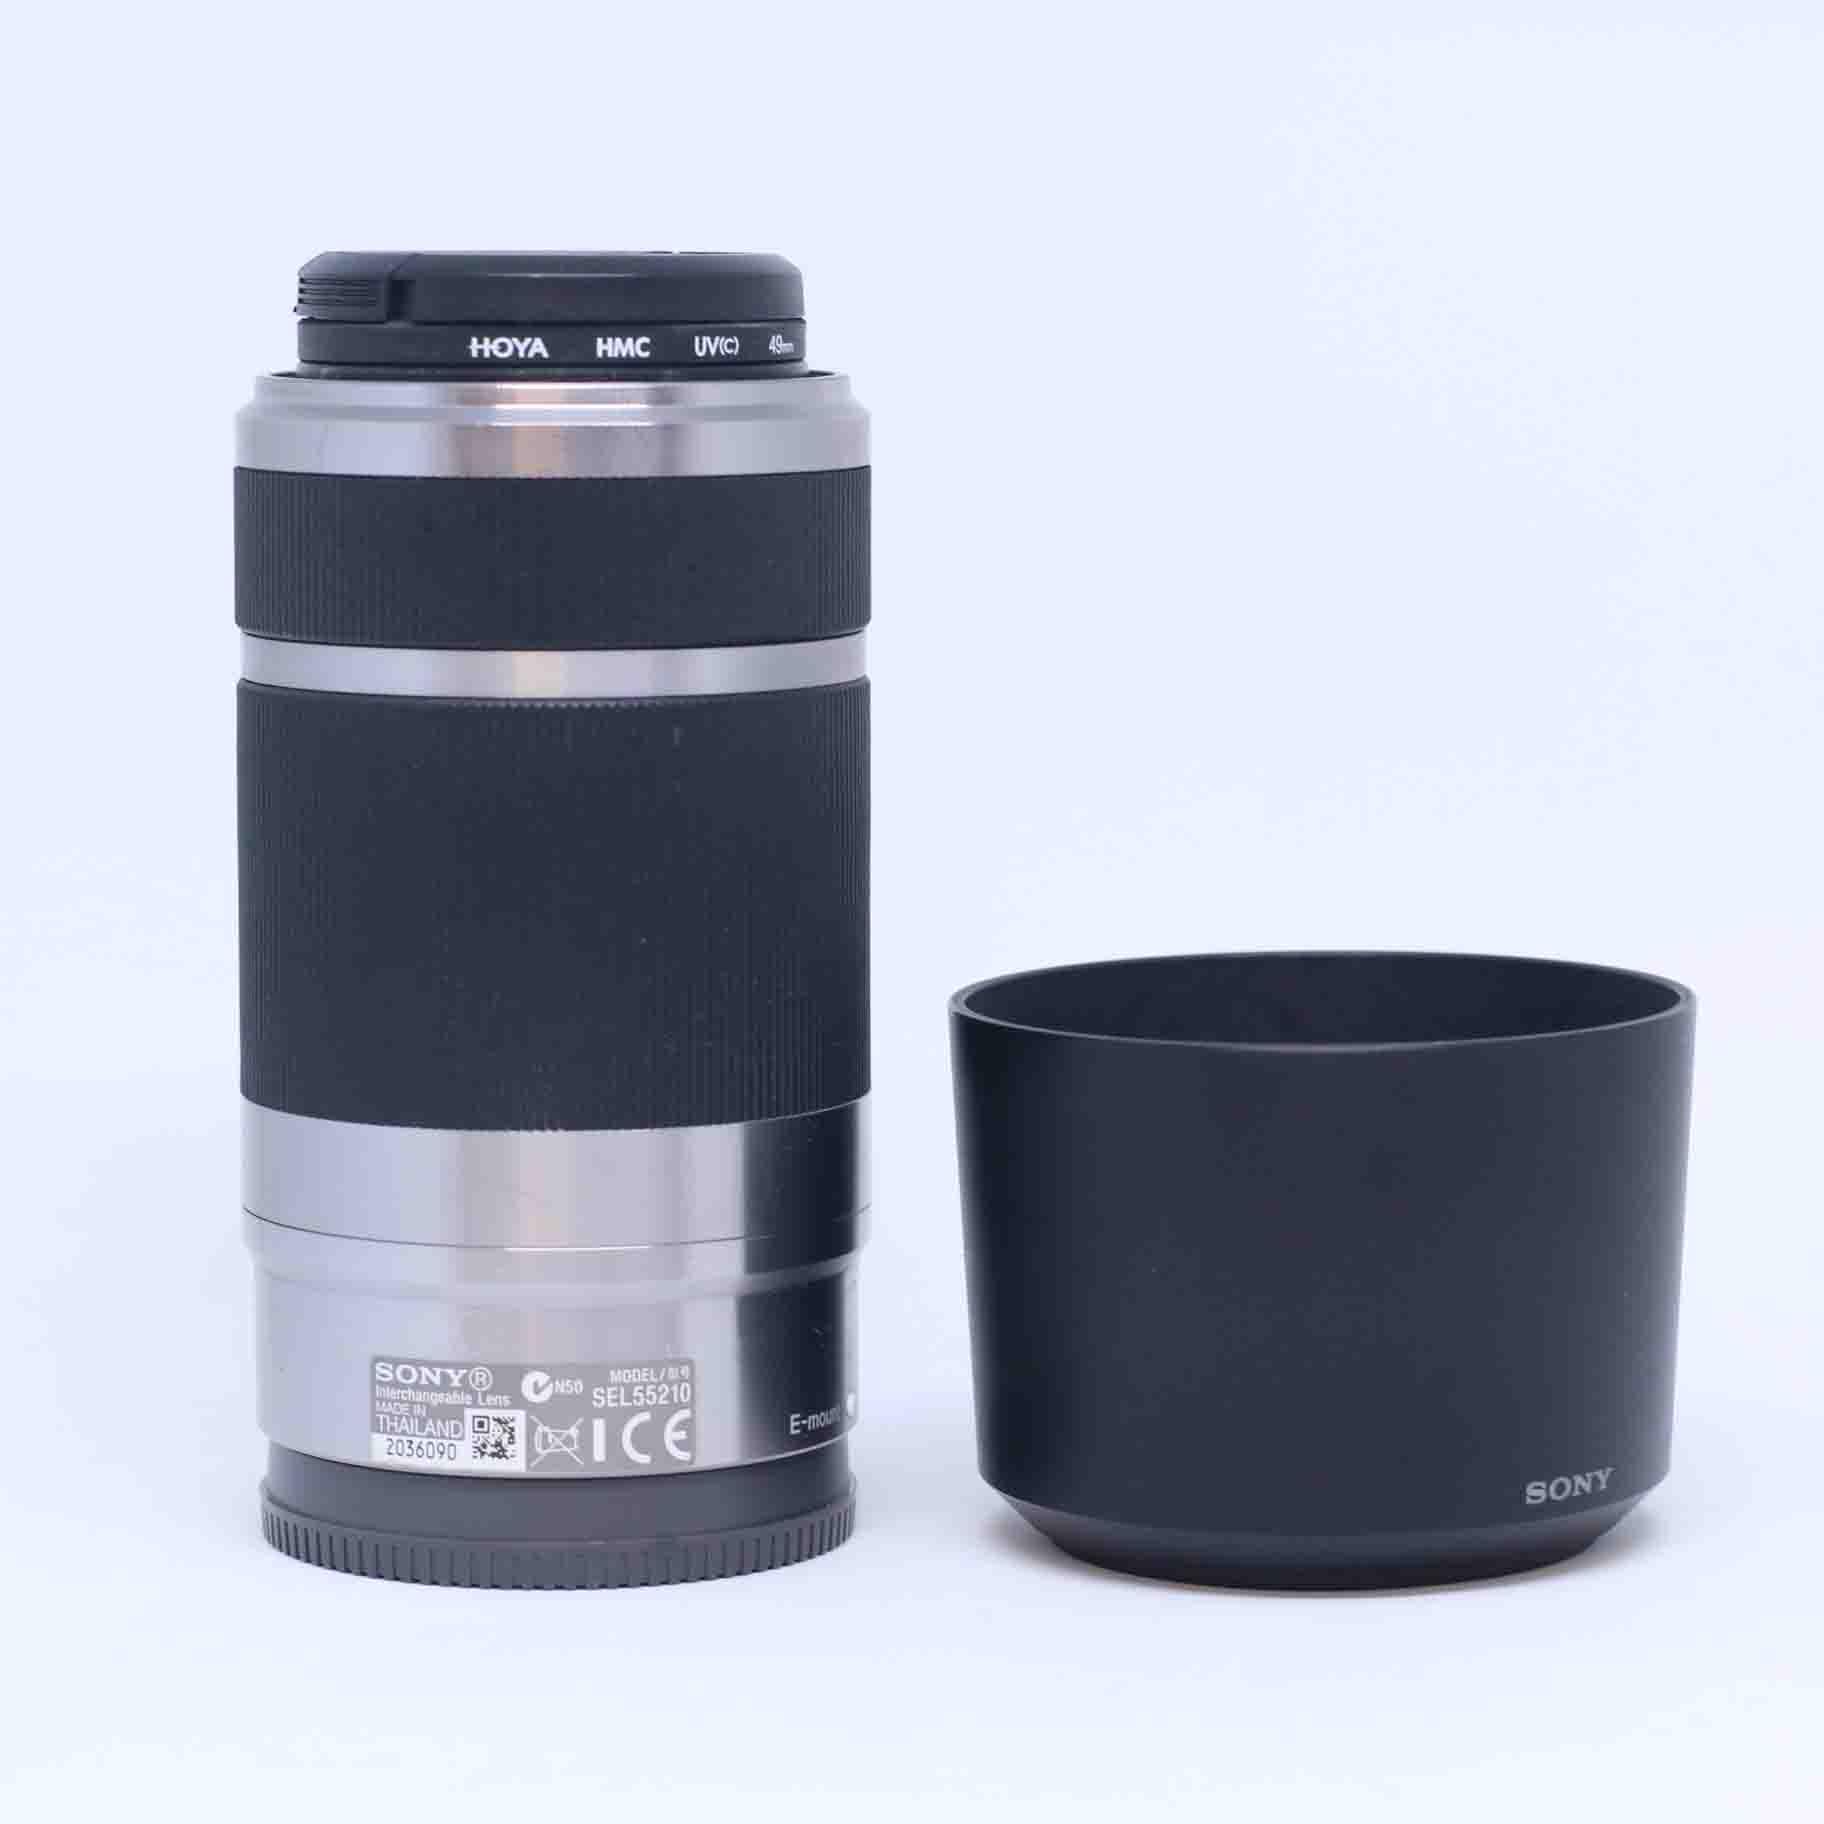 Ống kính Sony 55-210mm F/3.5-5.6 ( Bạc )